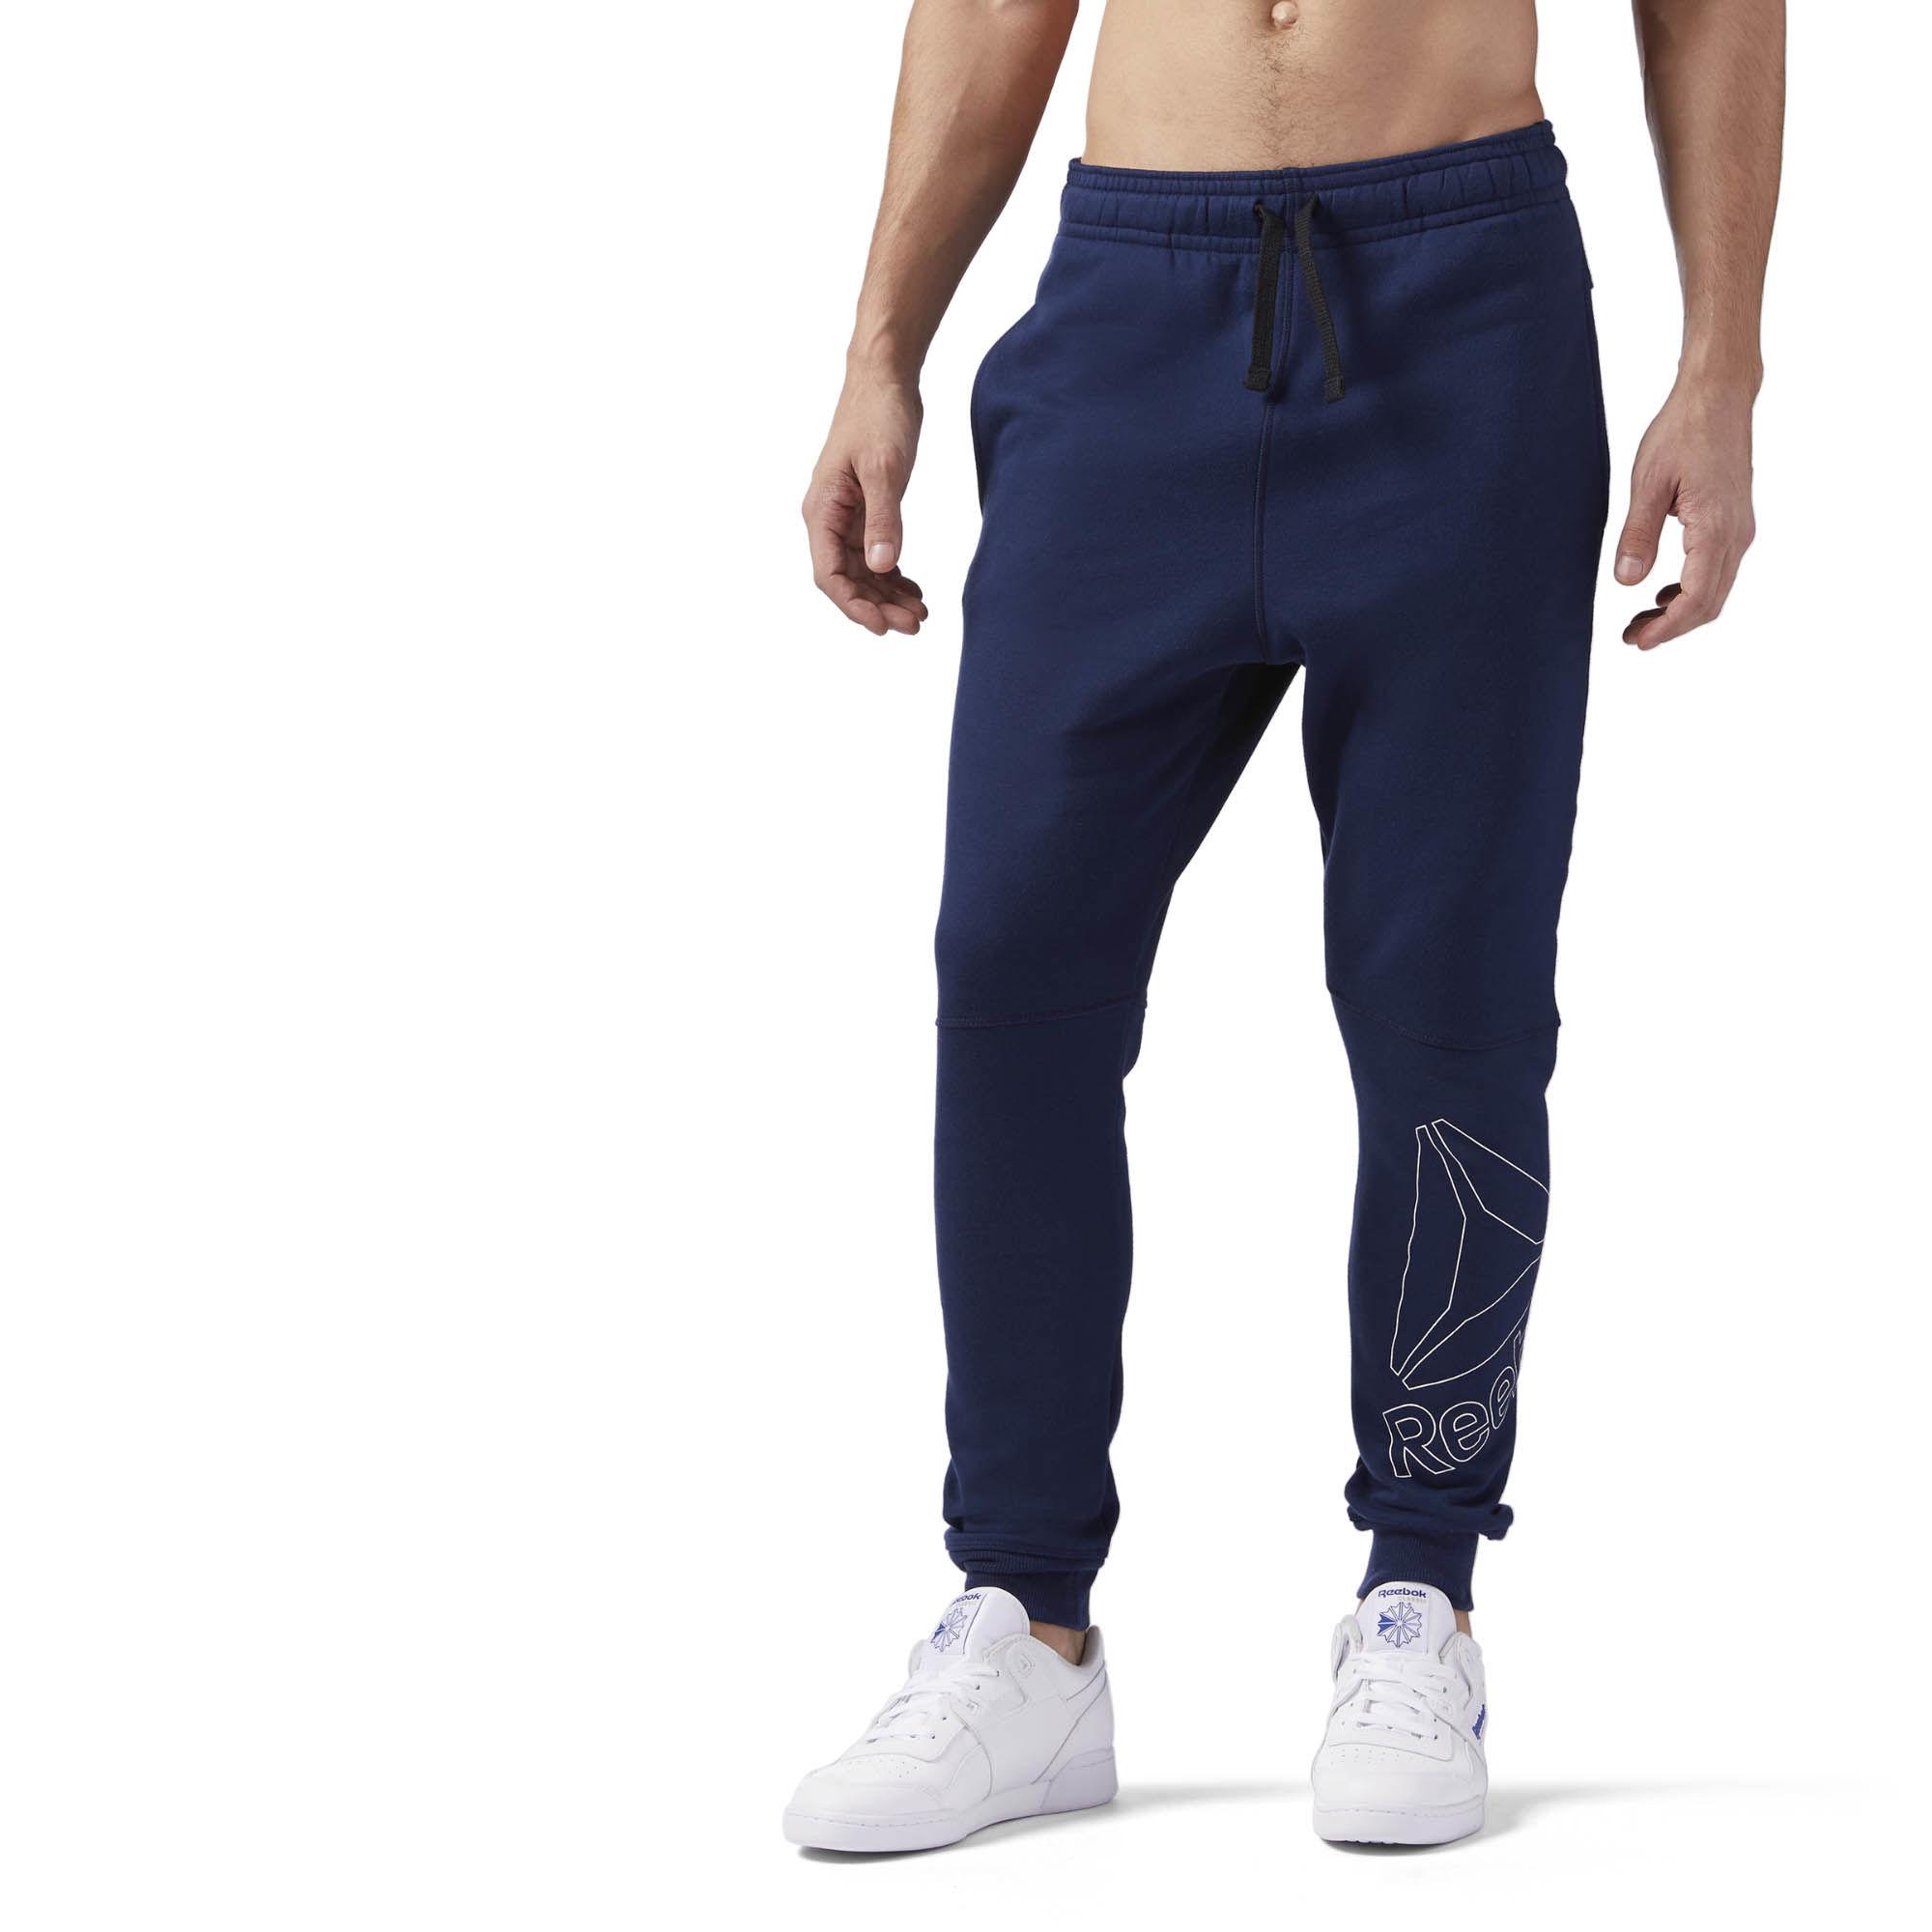 Брюки спортивные мужские Reebok El Big Logo Jogger, цвет: темно-синий. CE4749. Размер XL (56/58)CE4749Спортивные брюки от Reebok, которые отлично подойдут на каждый день, для тренировок и путешествий. Они выполнены из легкого мягкого материала и совершенно не стесняют движений. Дизайн выглядит стильно и современно.